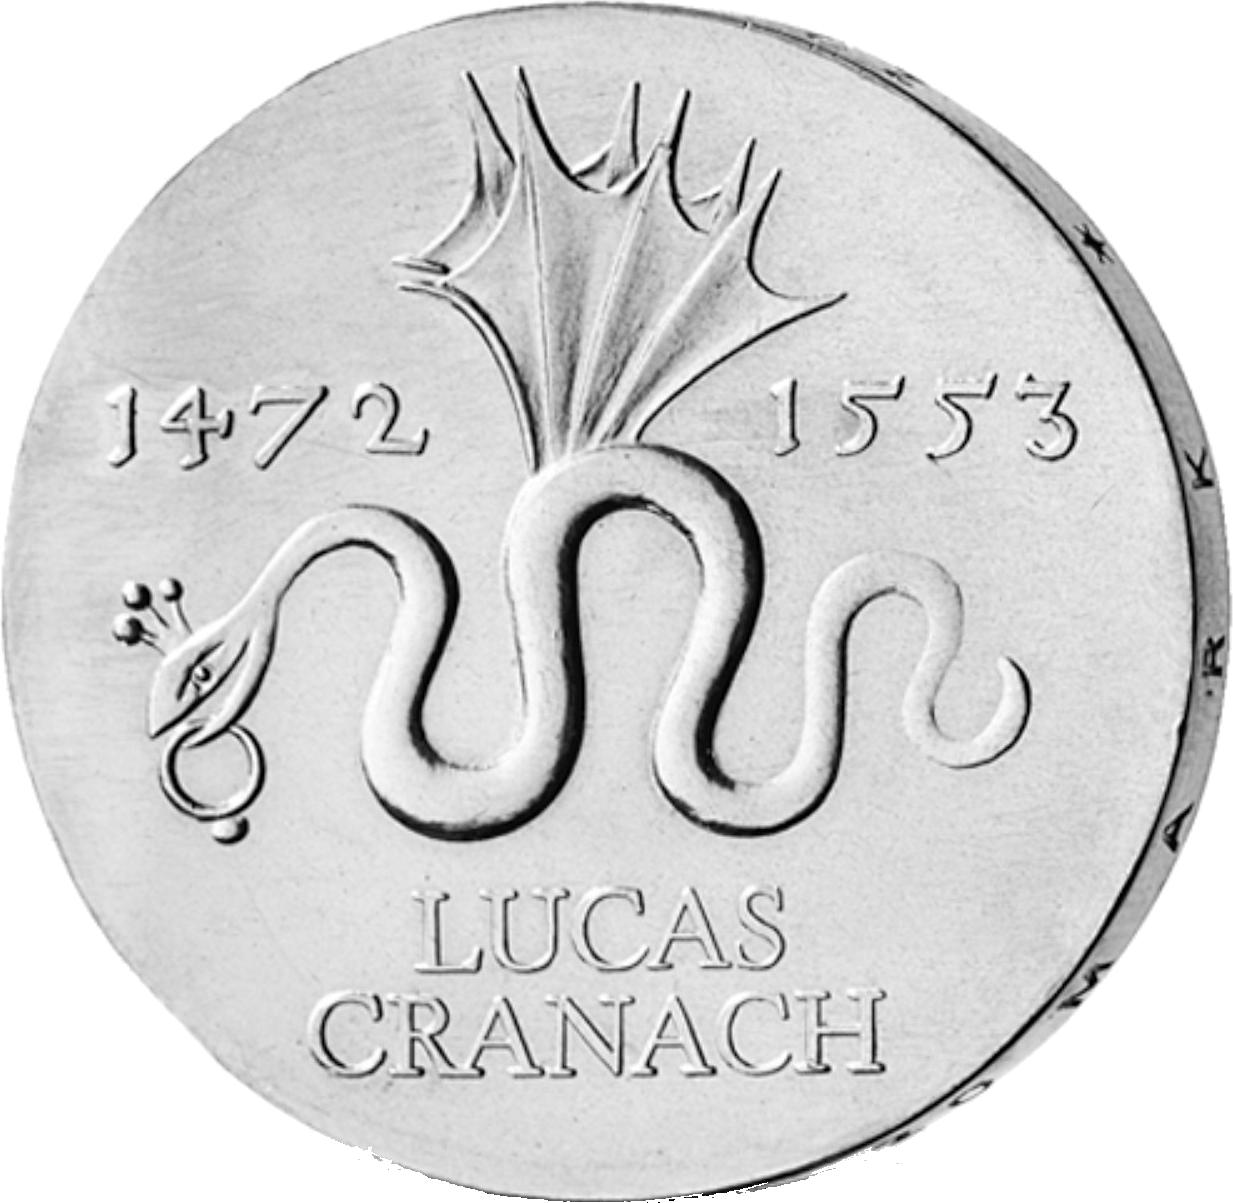 20 Mark Silber Münze Ddr Cranach 1972 Münzen Günstigerde